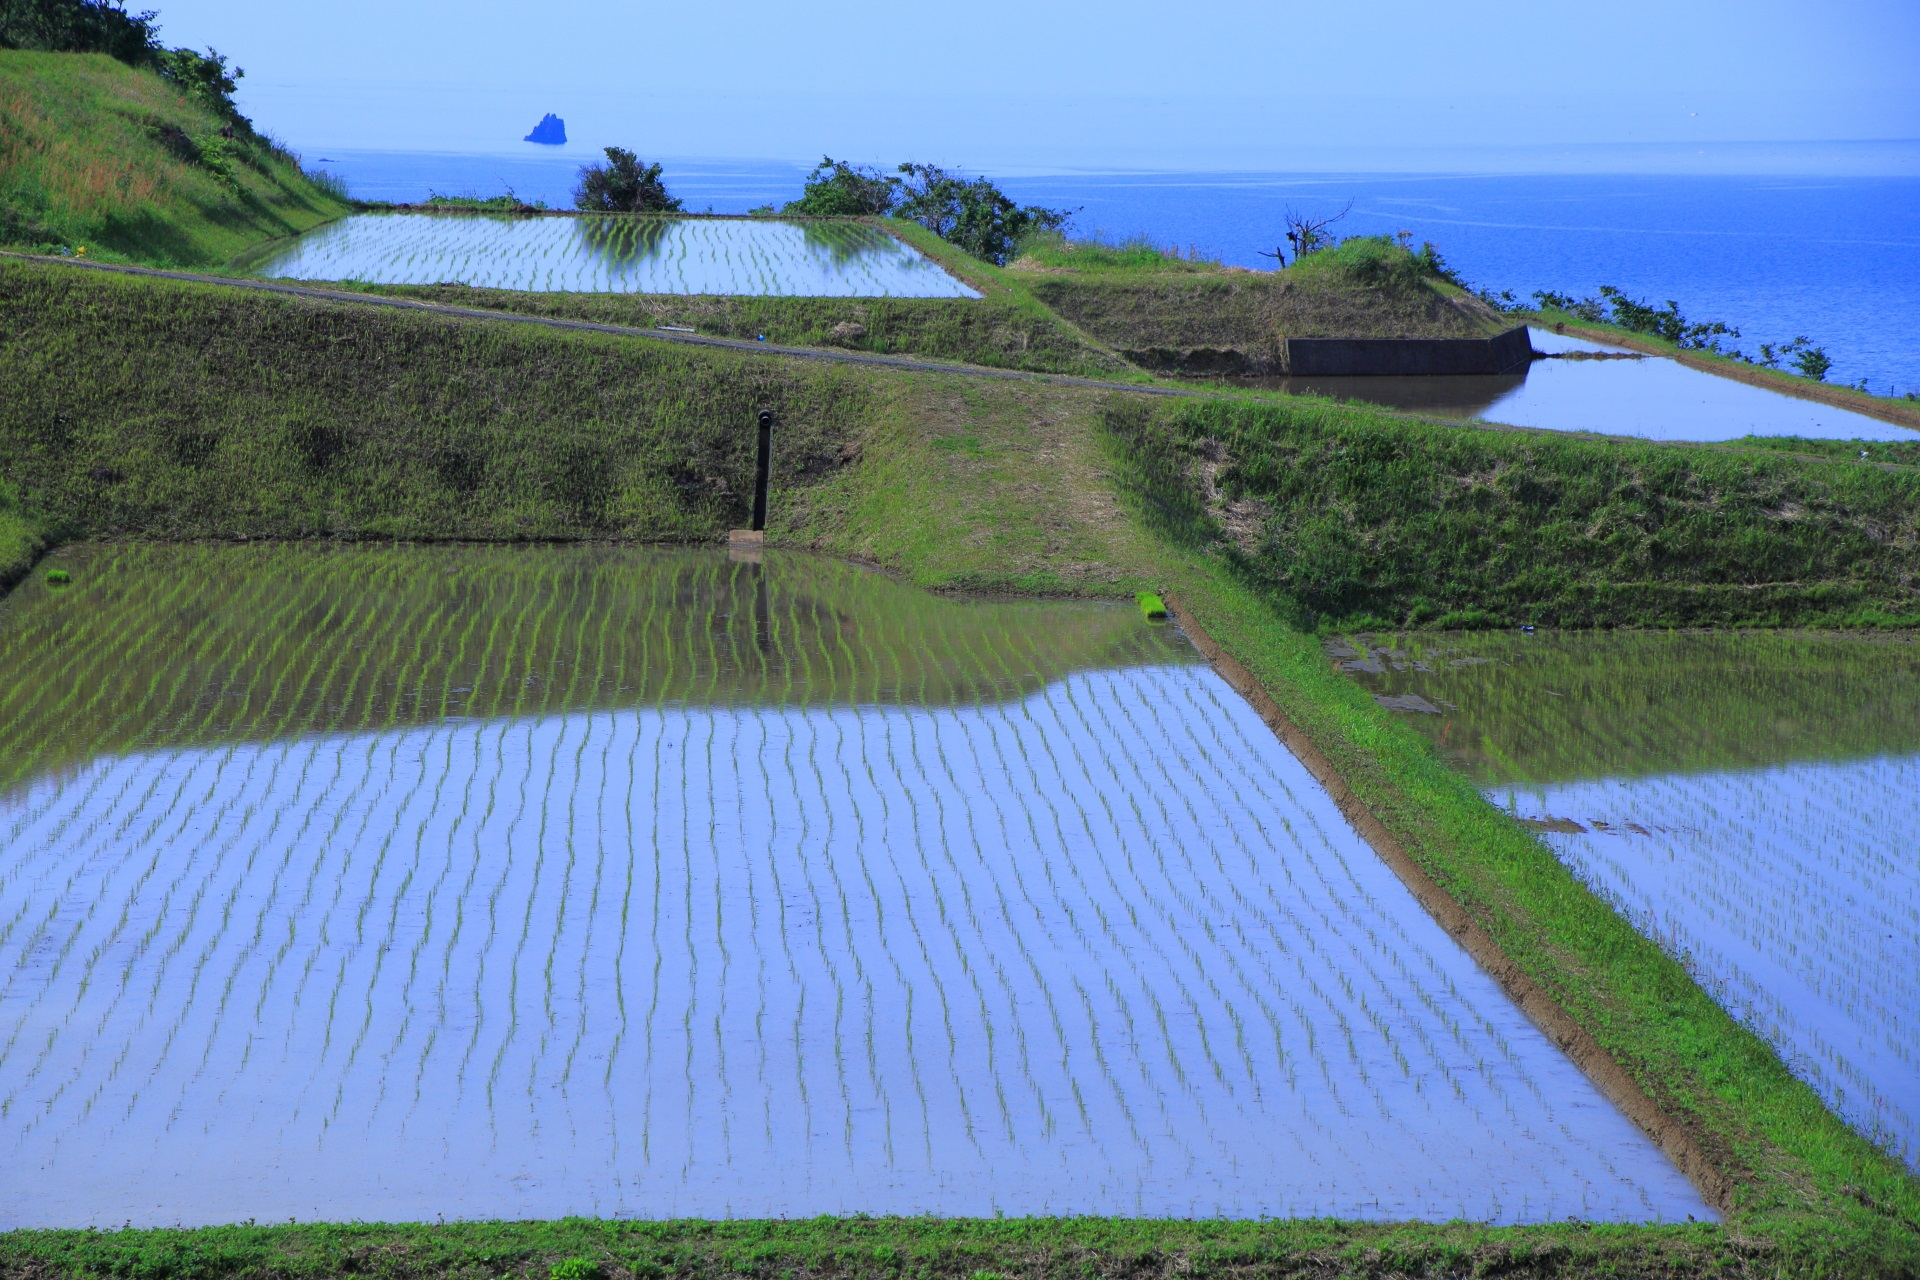 稲が綺麗に植えられた空を映し出す新井の田んぼ